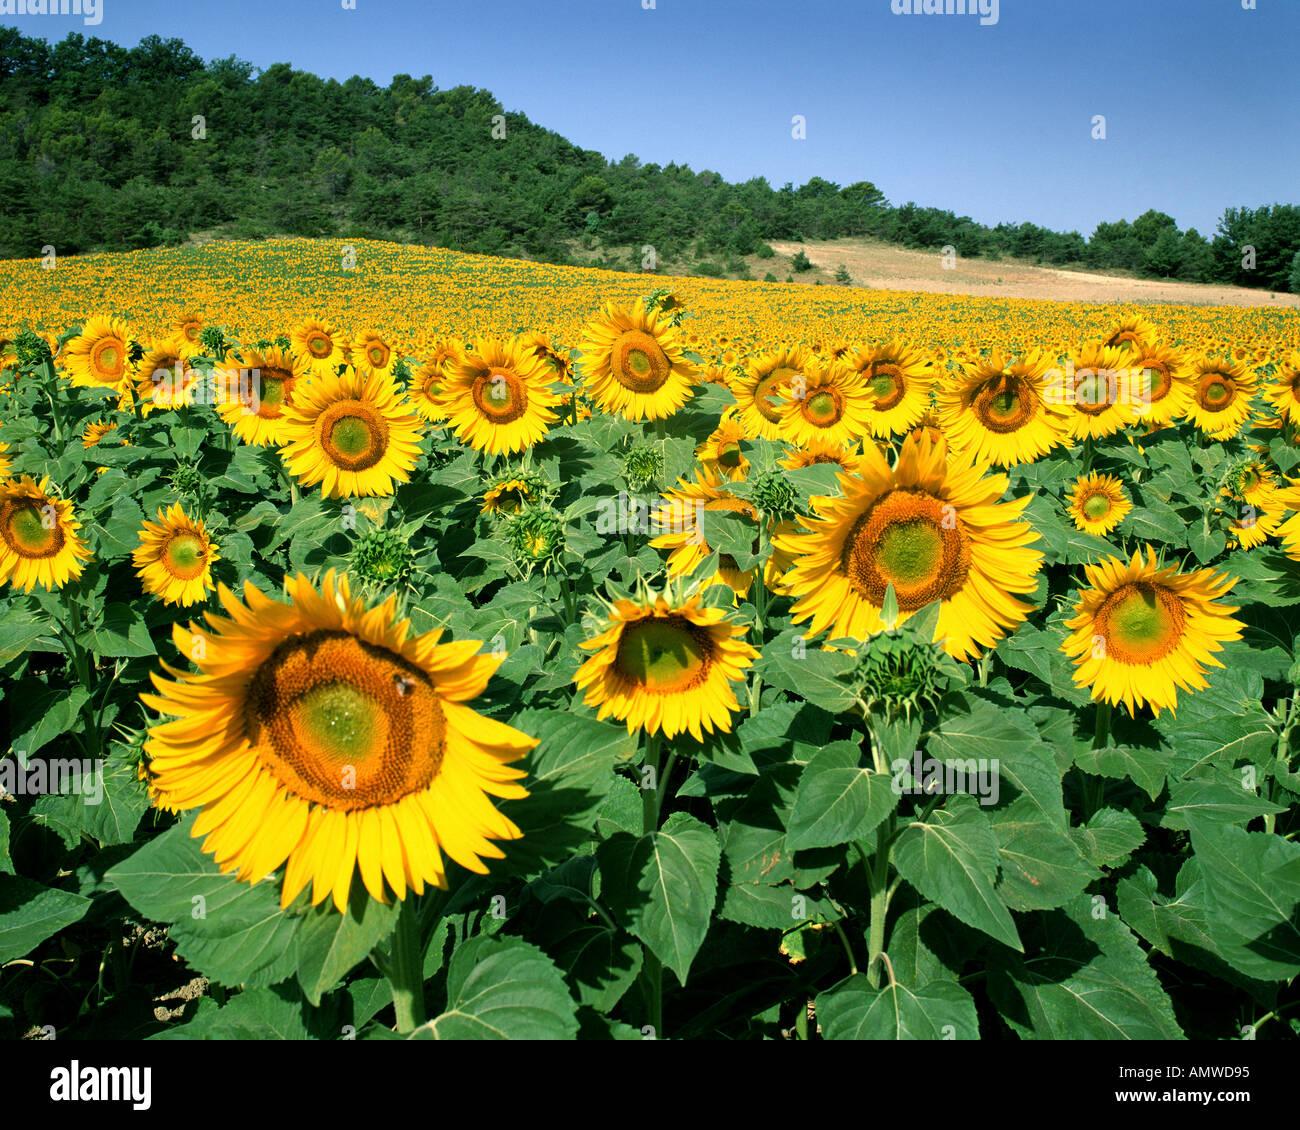 FR - PLATEAU DE VAUCLUSE: Field of Sunflowers - Stock Image